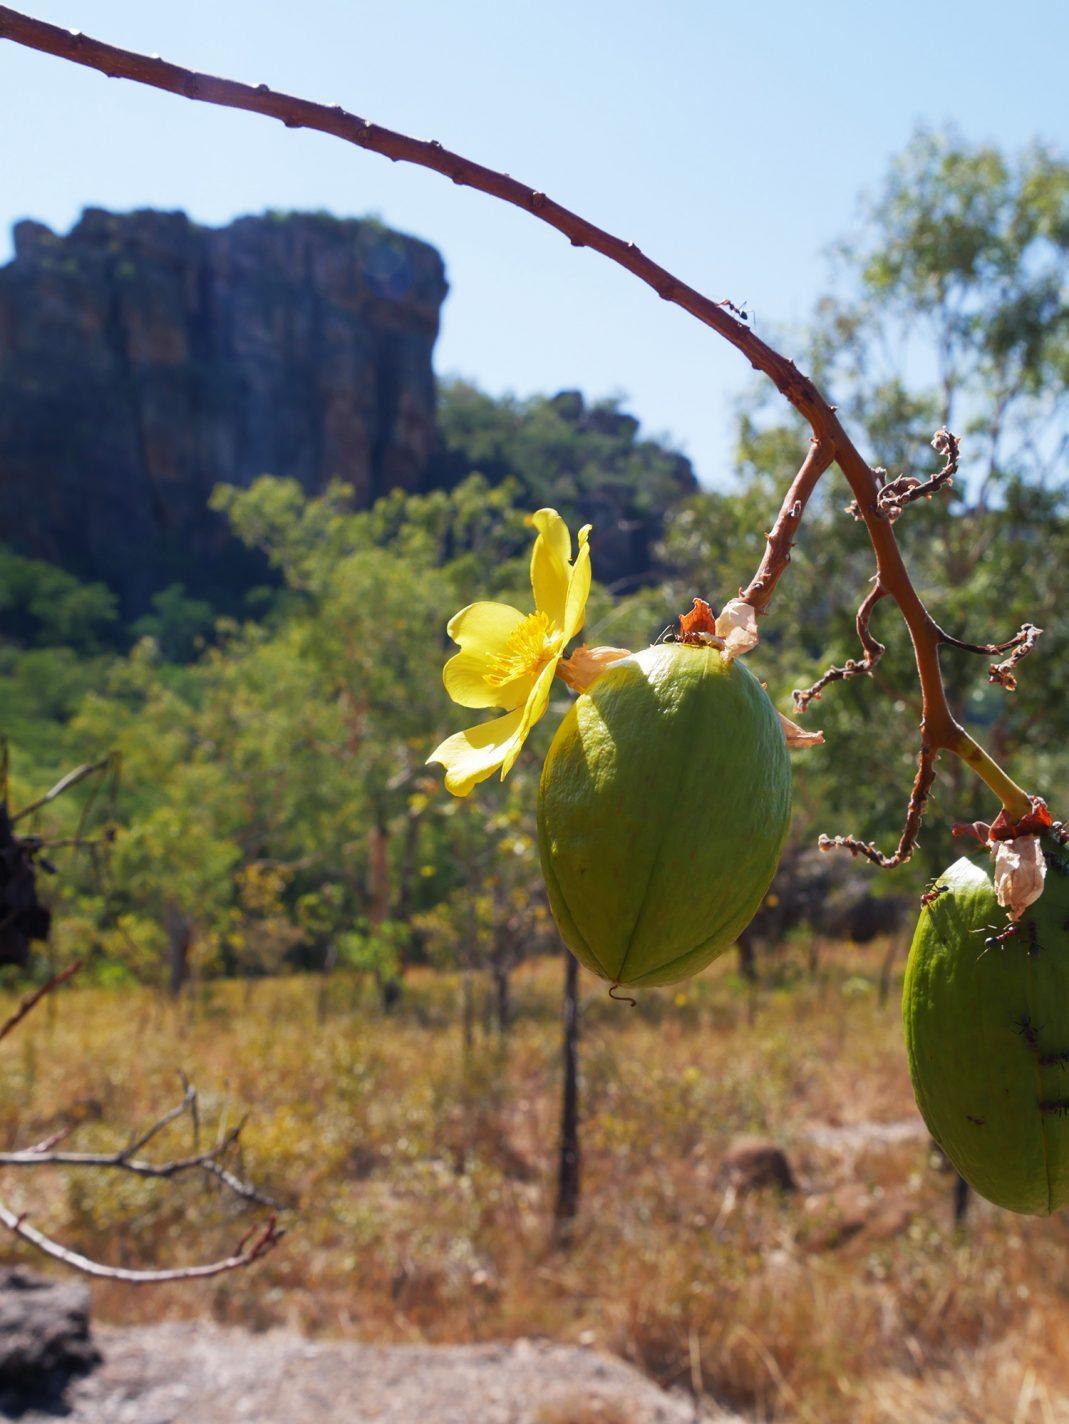 Bomen met gele bloemen en vruchten eraan